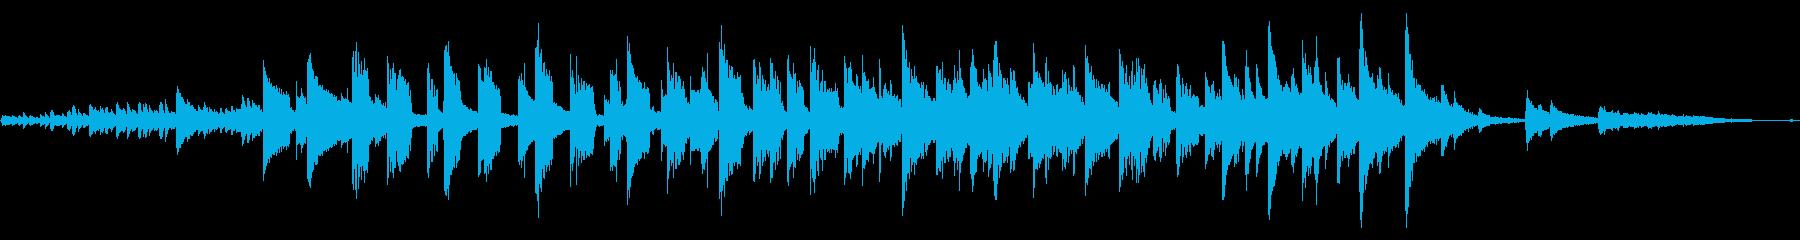 シンセサイザーとピアノで彩るストーリーの再生済みの波形